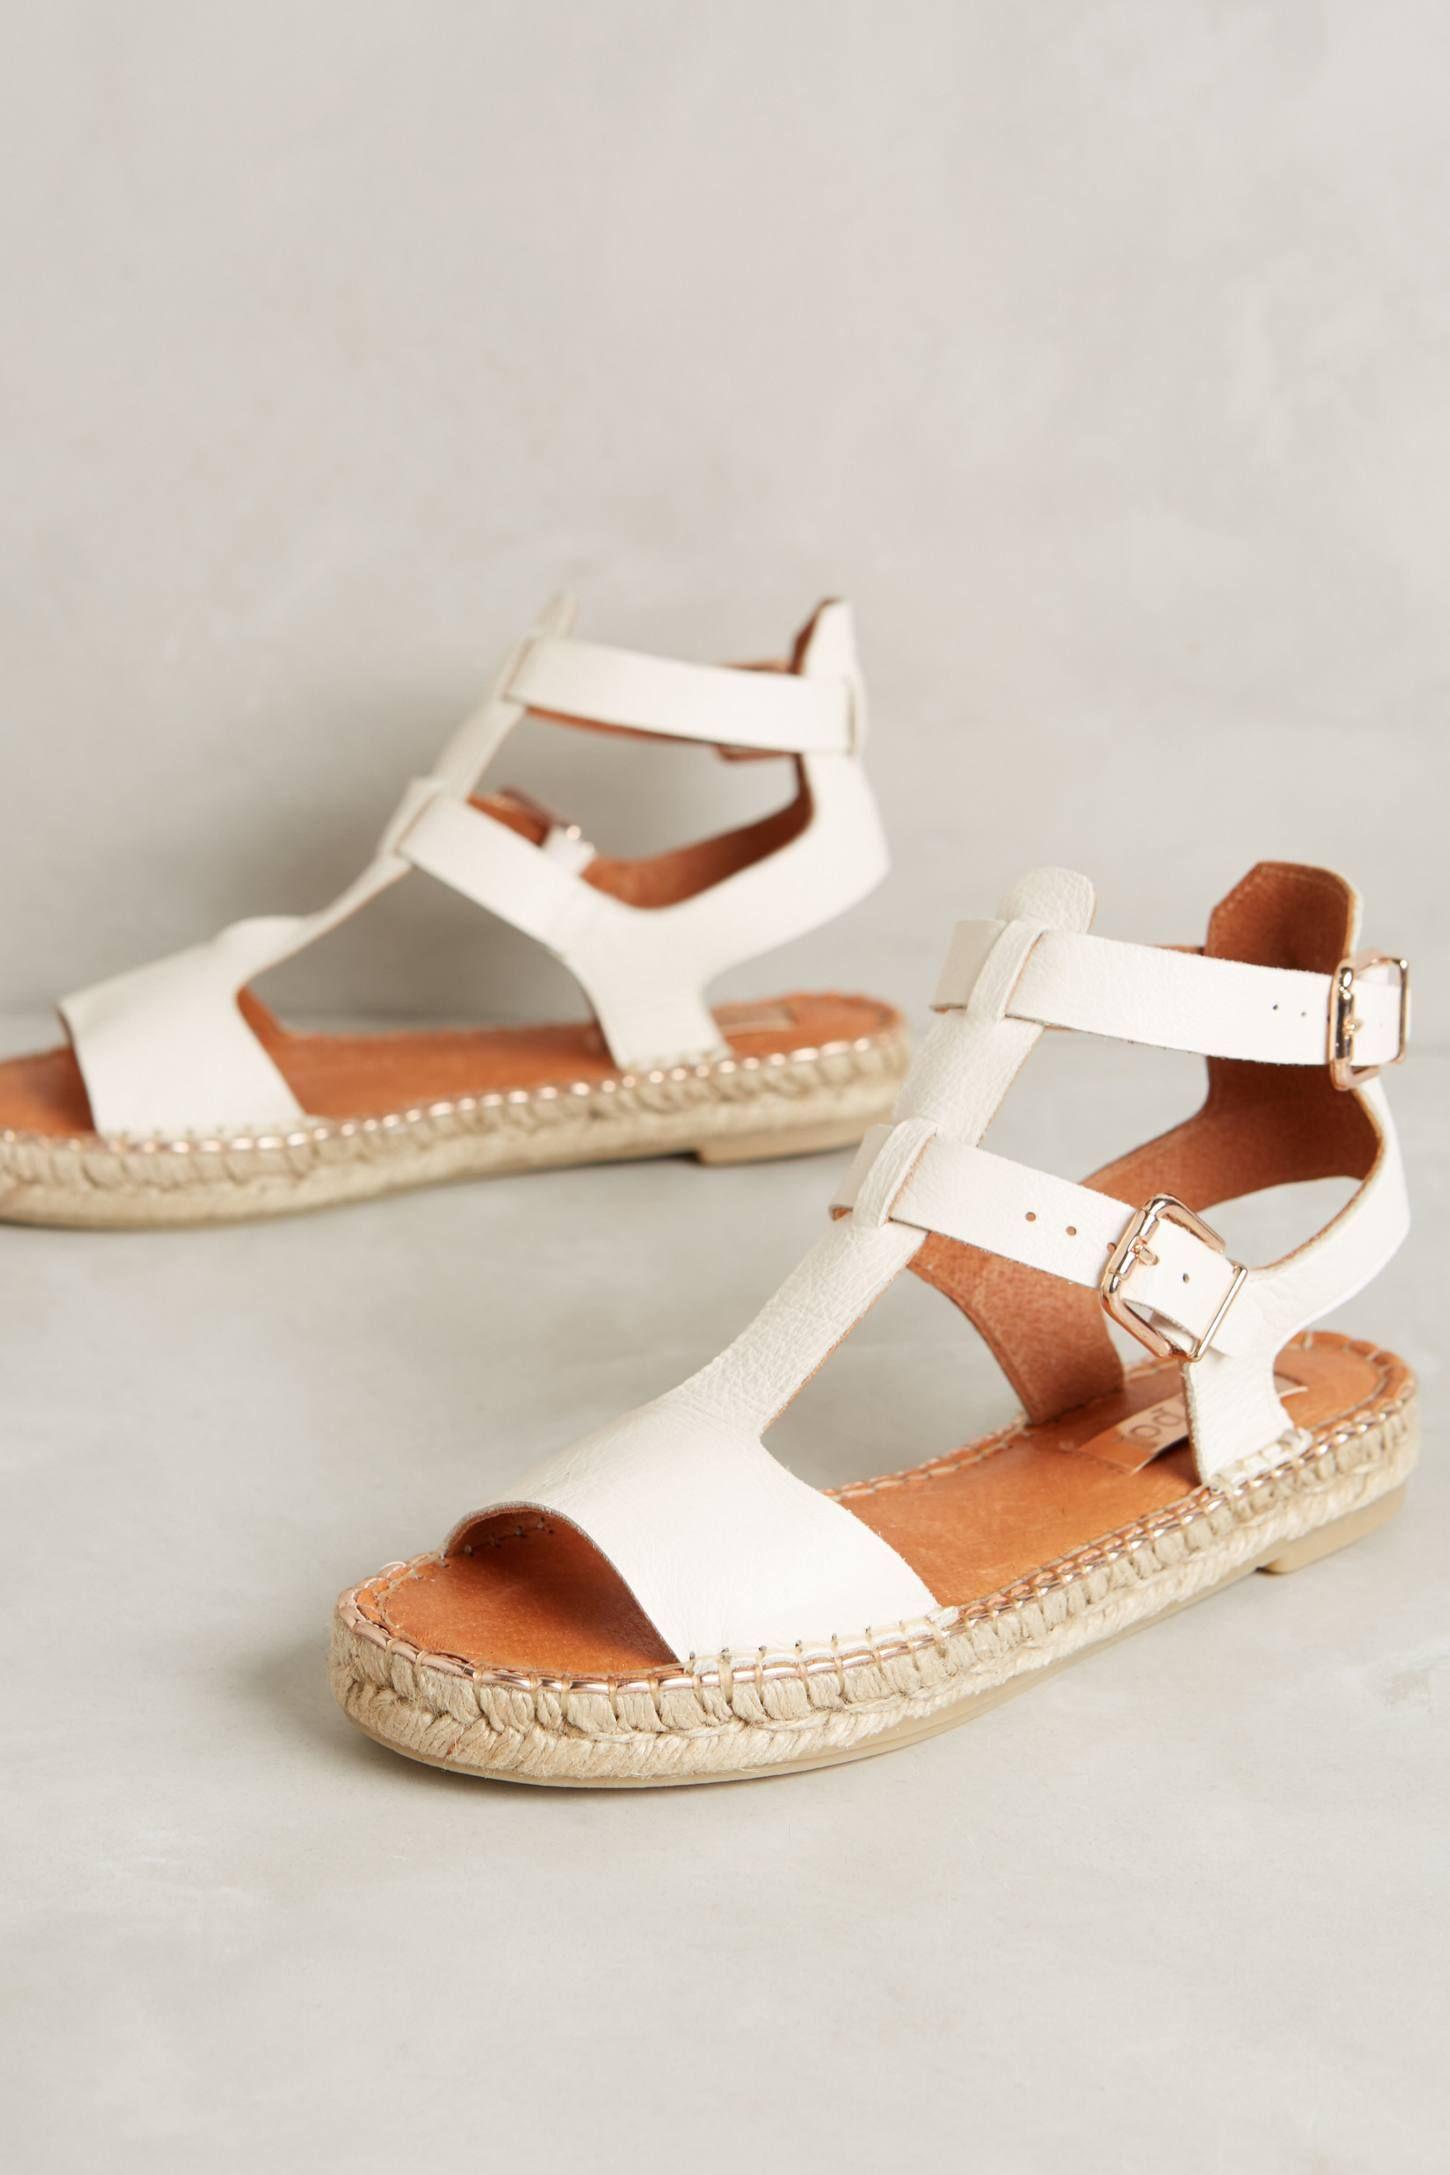 FOOTWEAR - Sandals Maypol izIrrQ1Sc